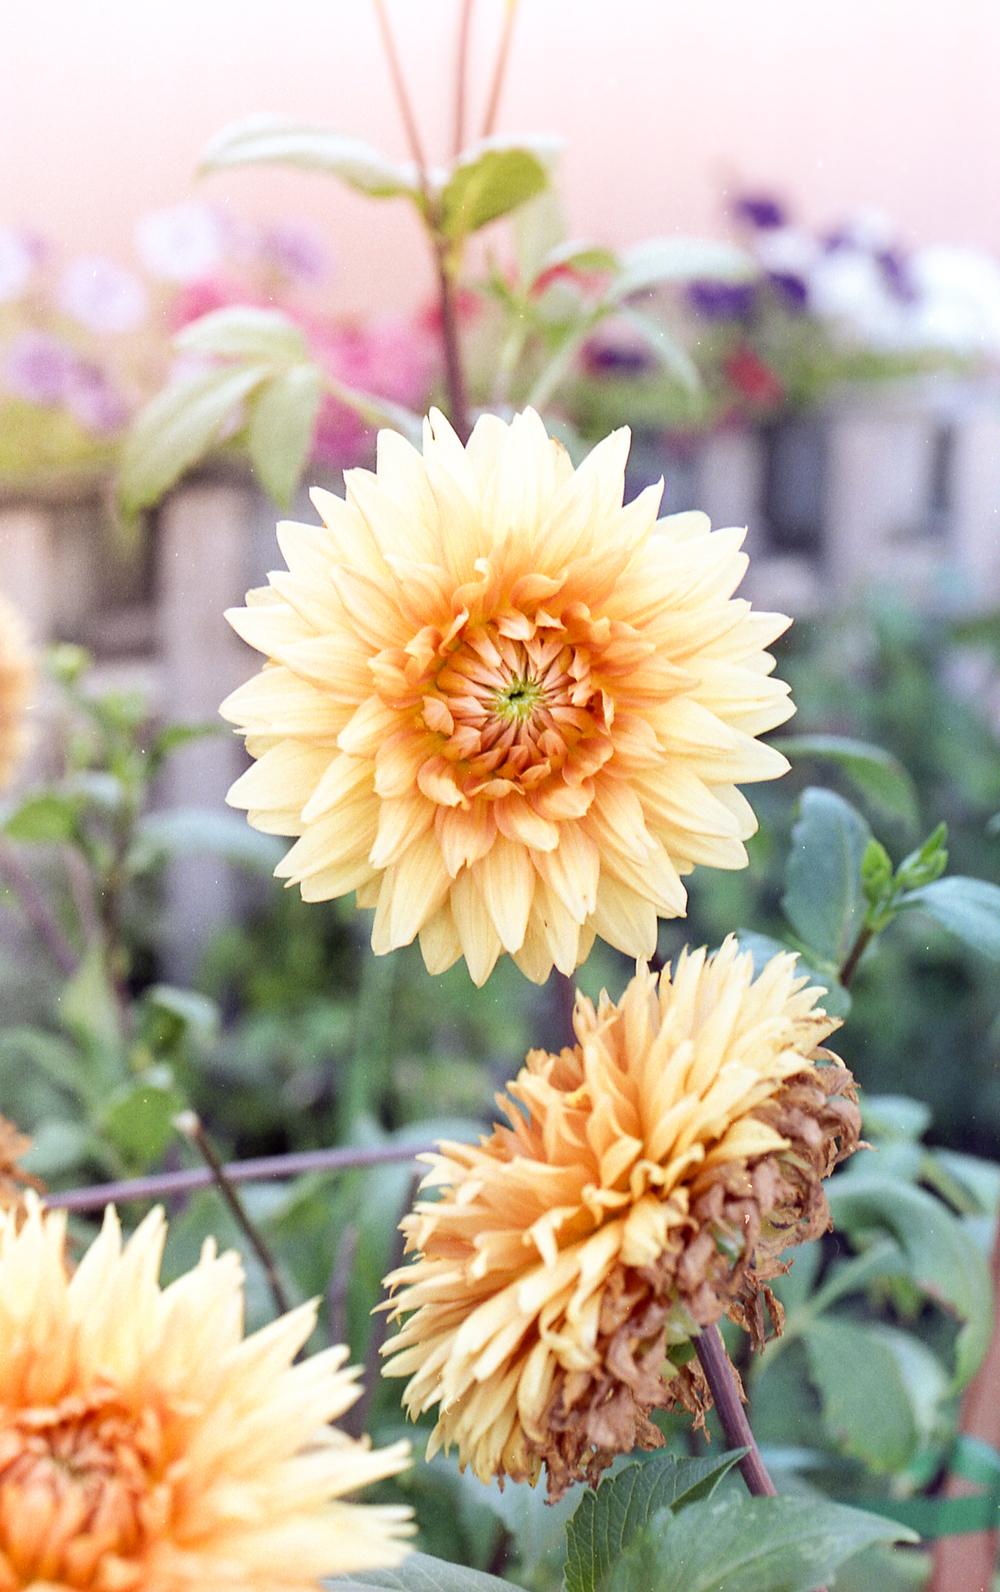 WGrove Flower SunflareLft FE2 S400 SCN040.jpg